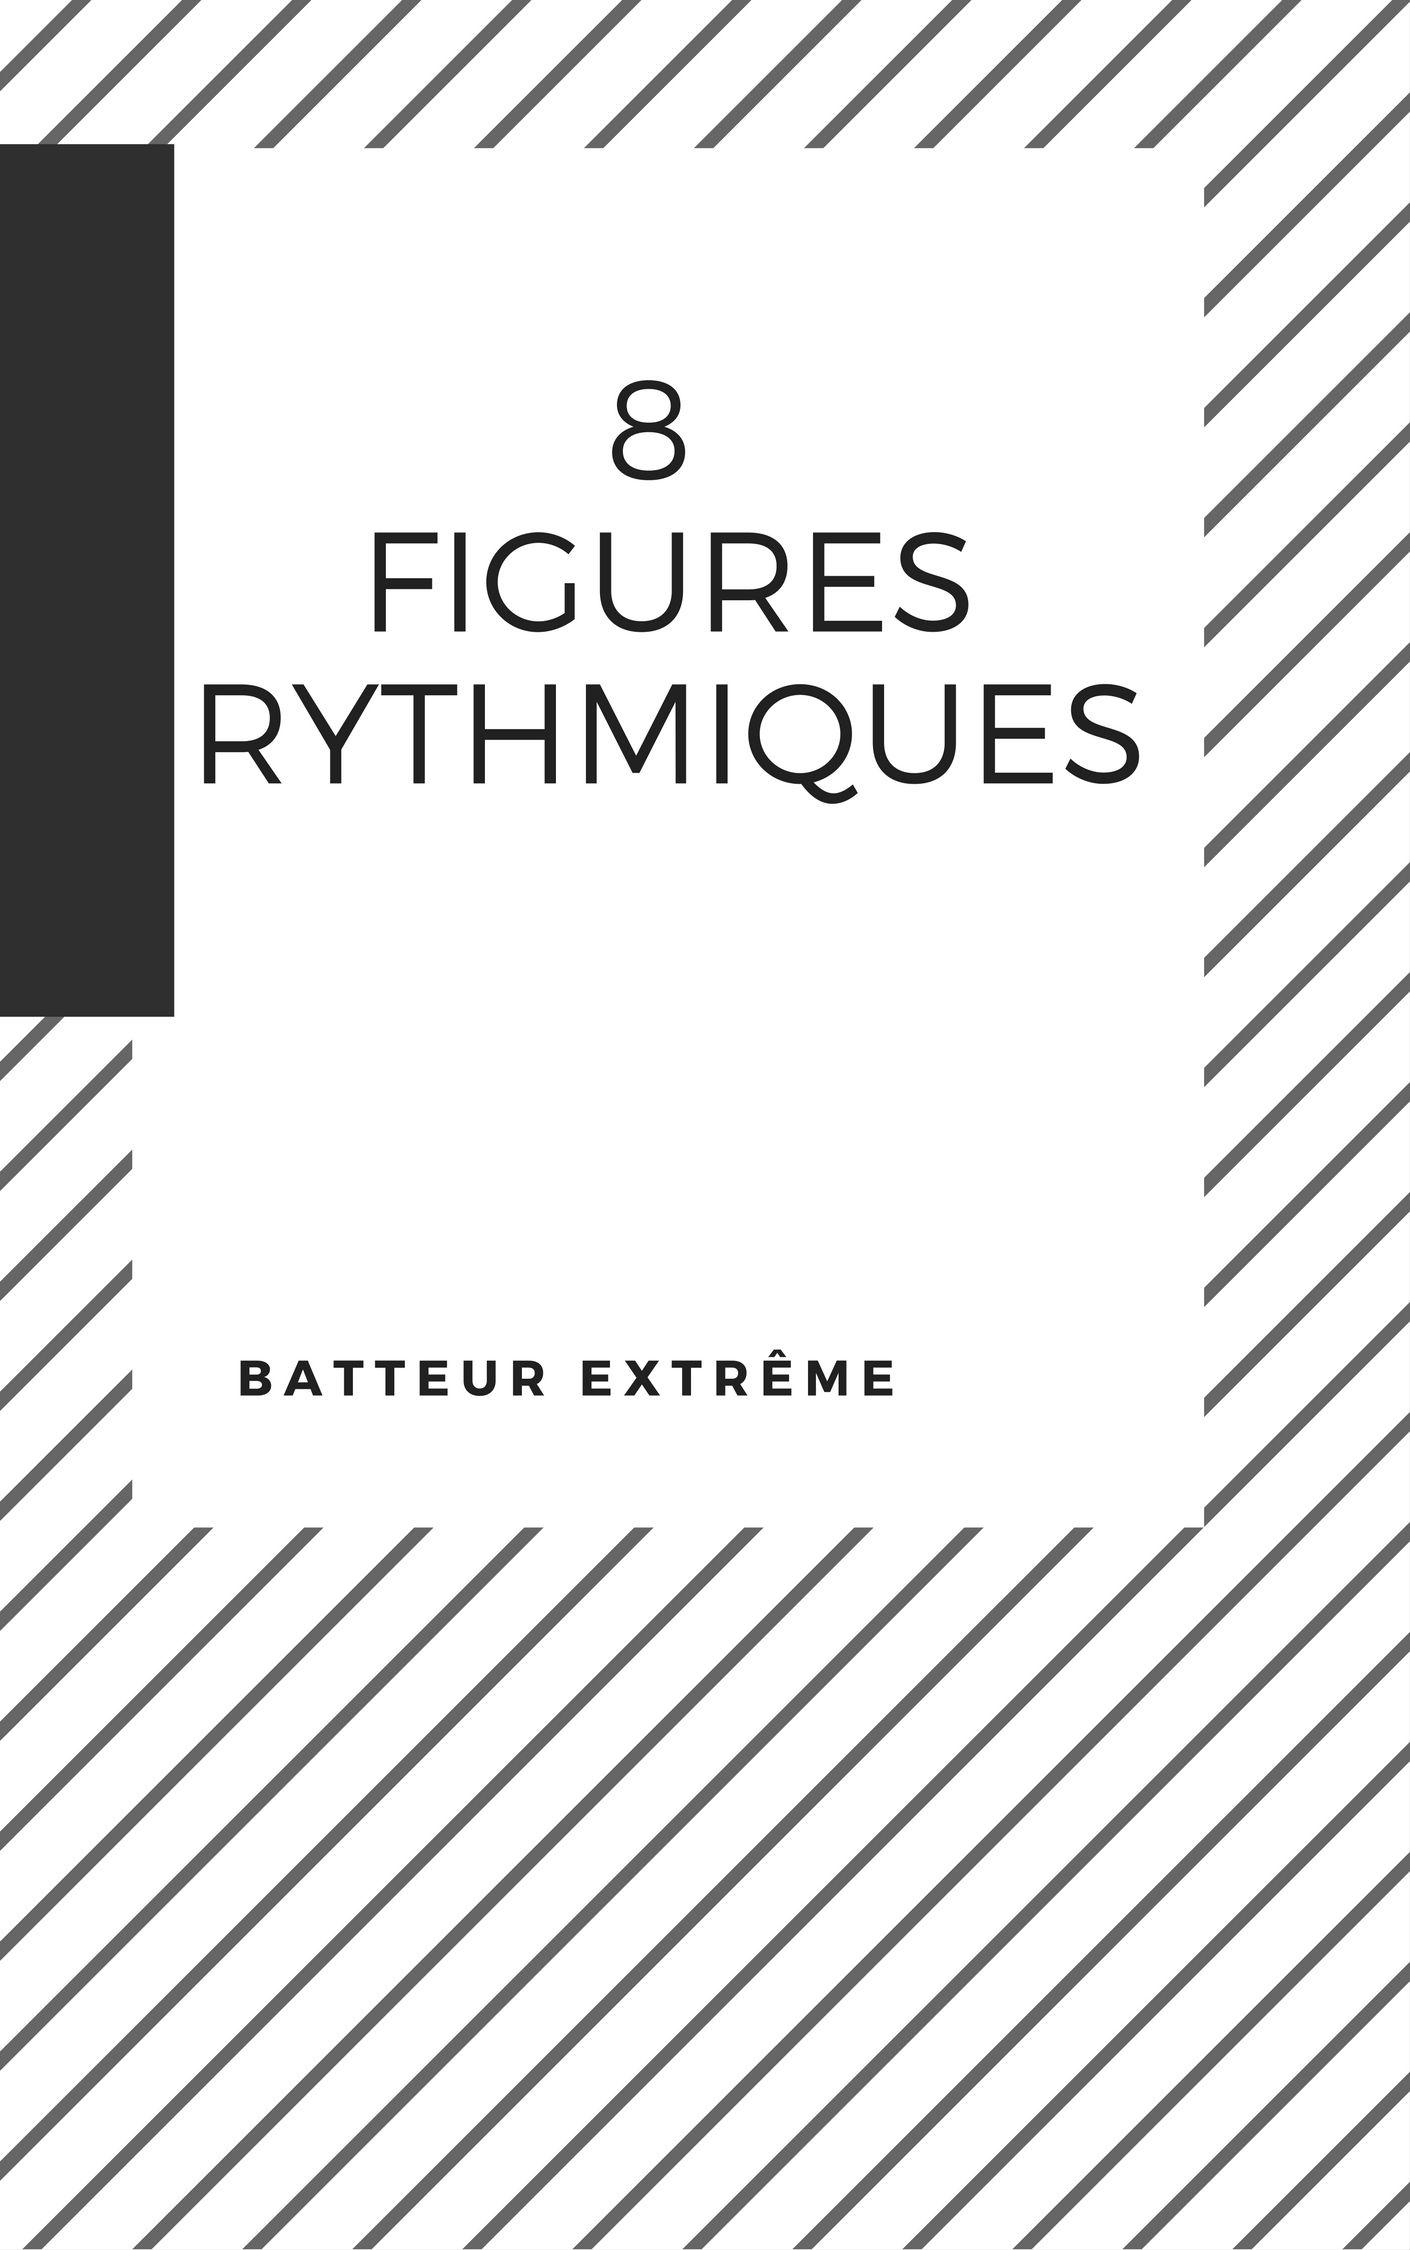 8-figures-rythmiques-batteur-extrême